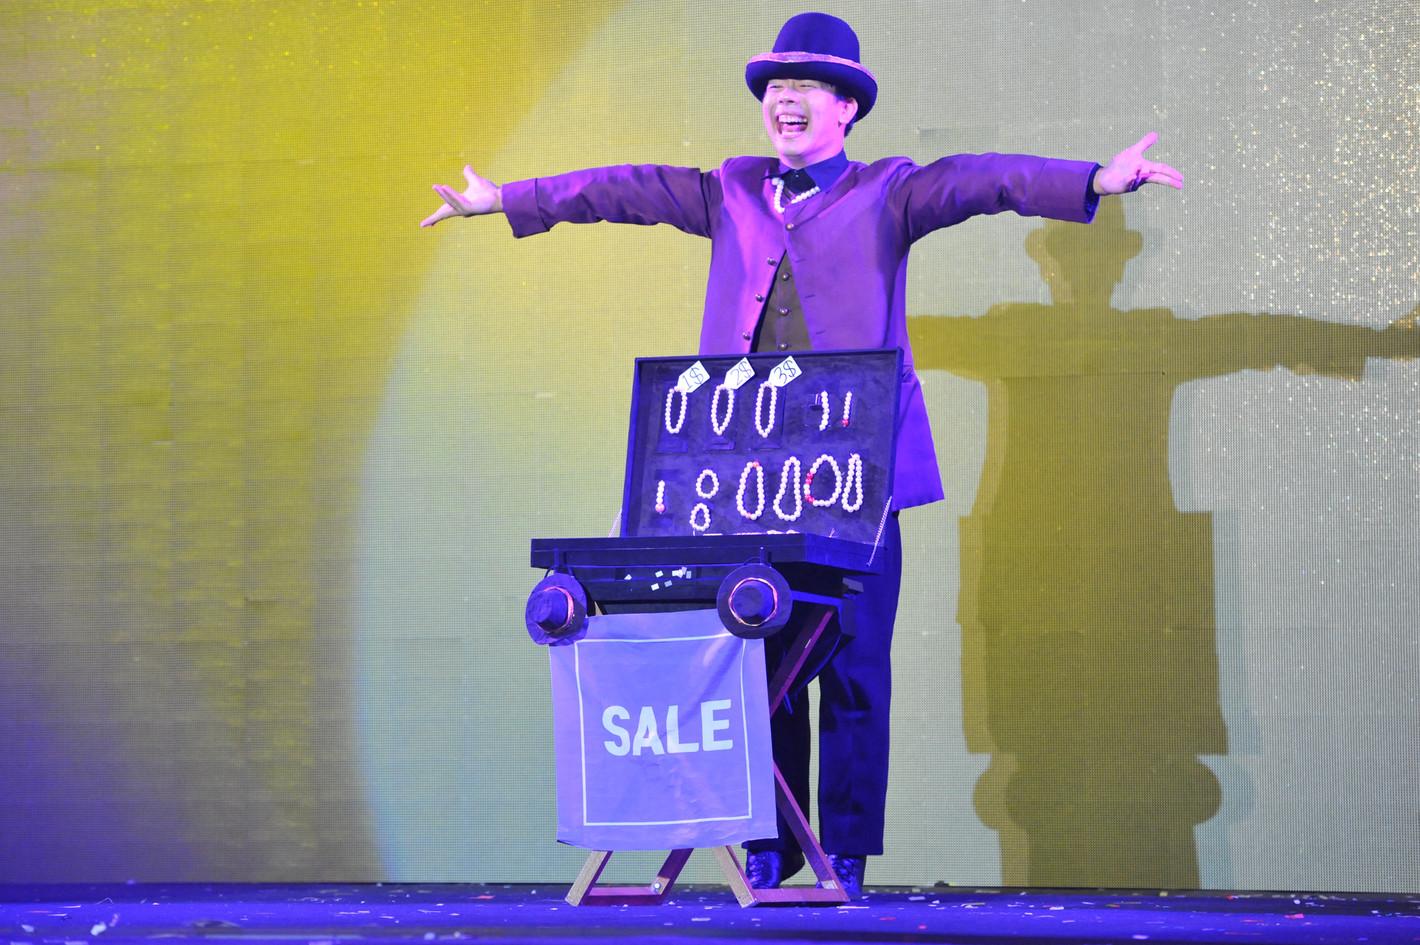 第十屆國際魔術大賽 韓國參賽者 Lee Seong Yeon